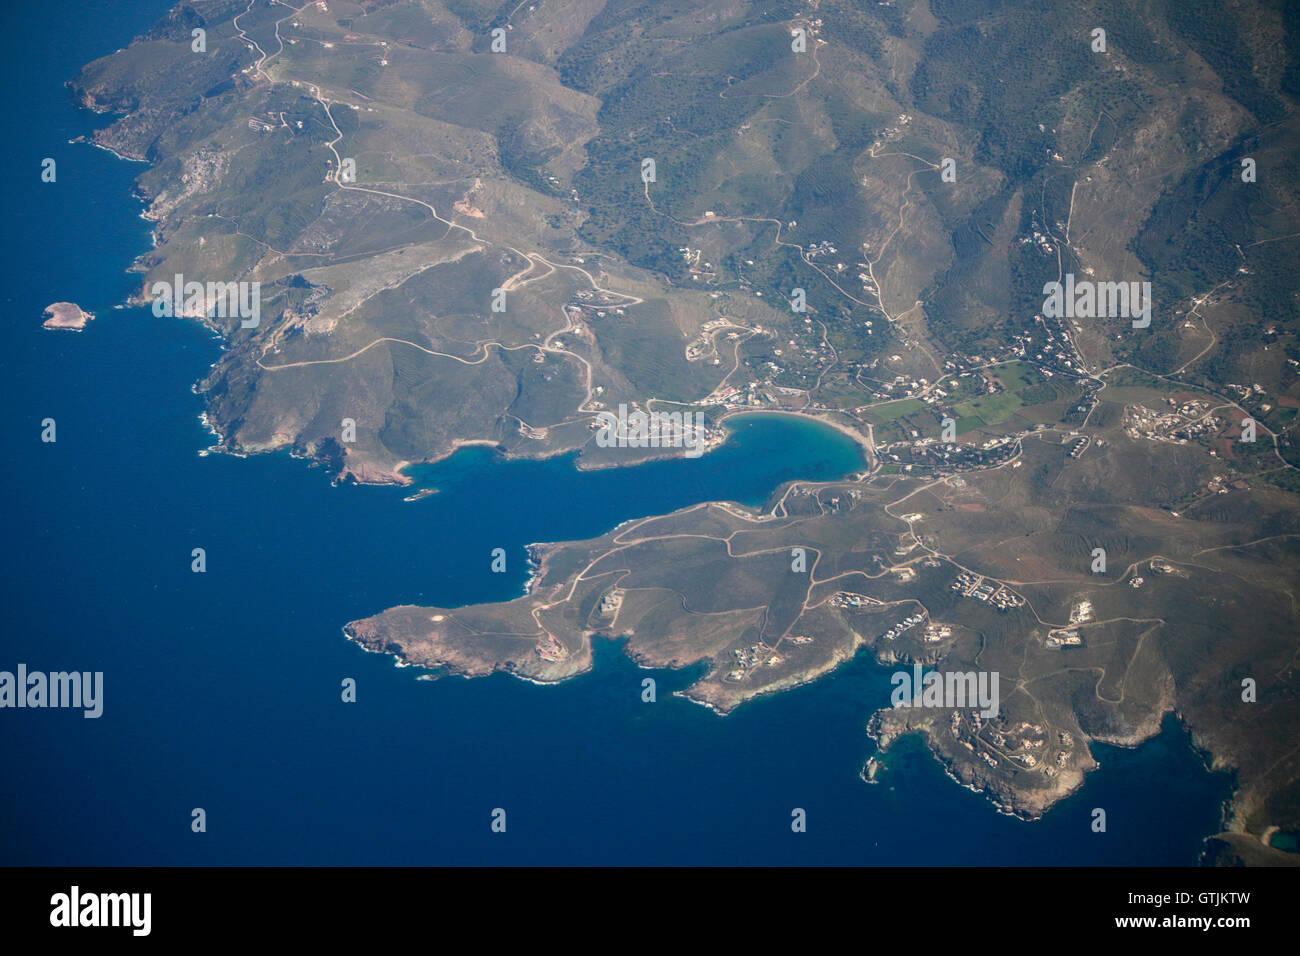 Blick aus einem Flugzeug auf eine griechische Kuestenlandschaft. - Stock Image